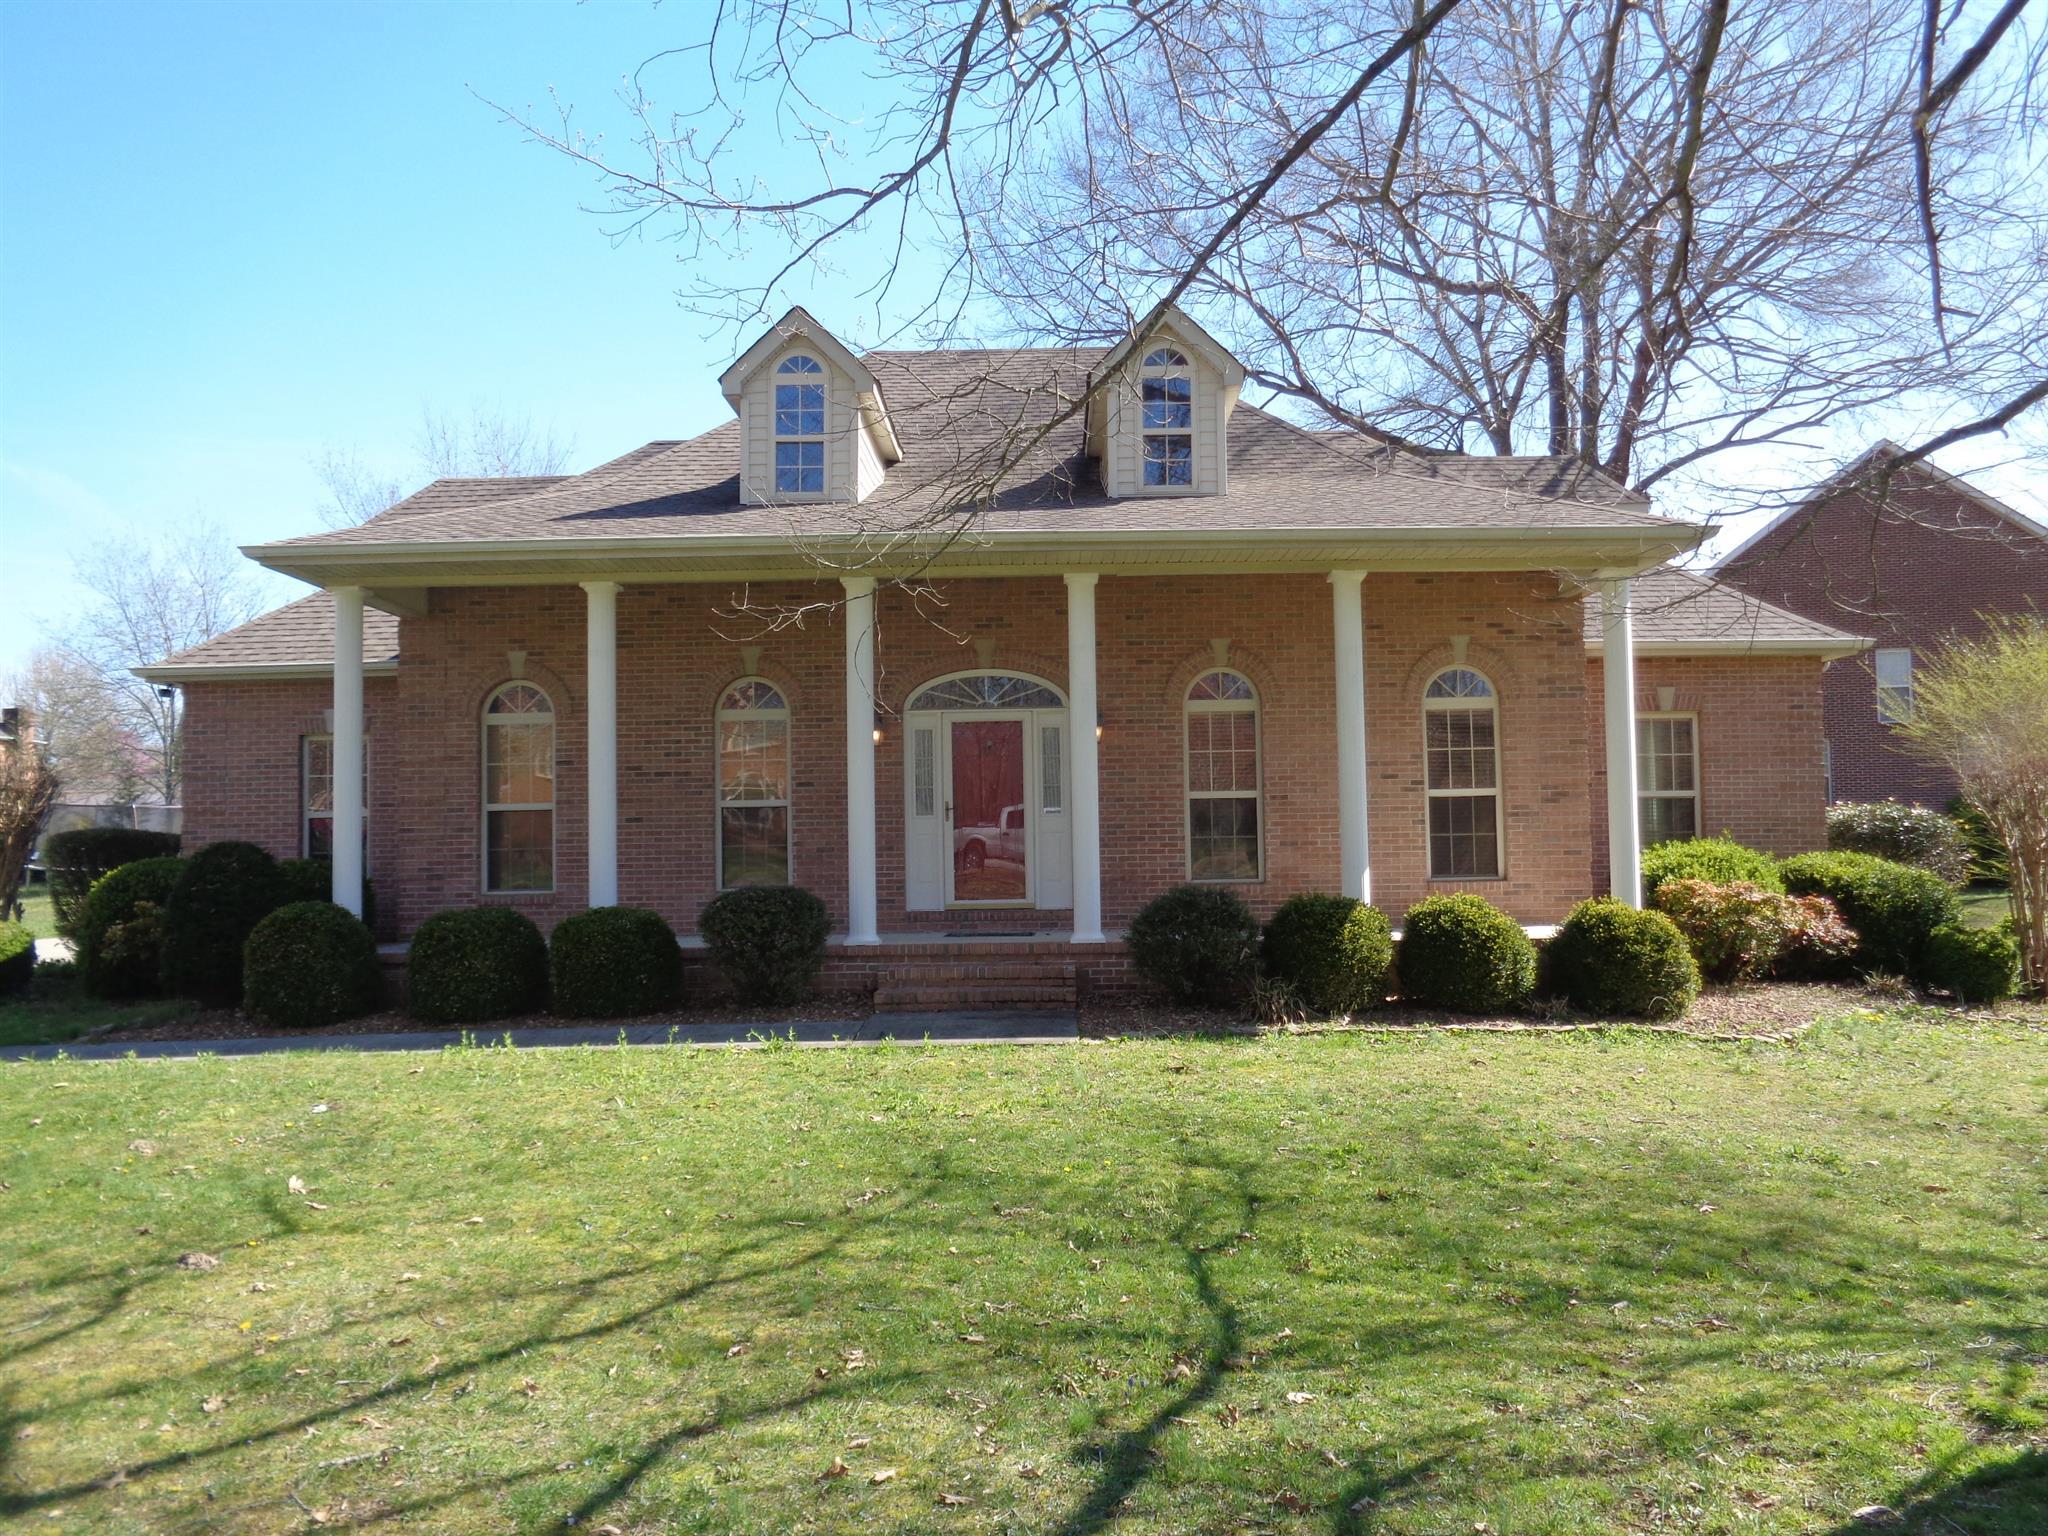 209 Huntington Pl, Tullahoma, Tennessee